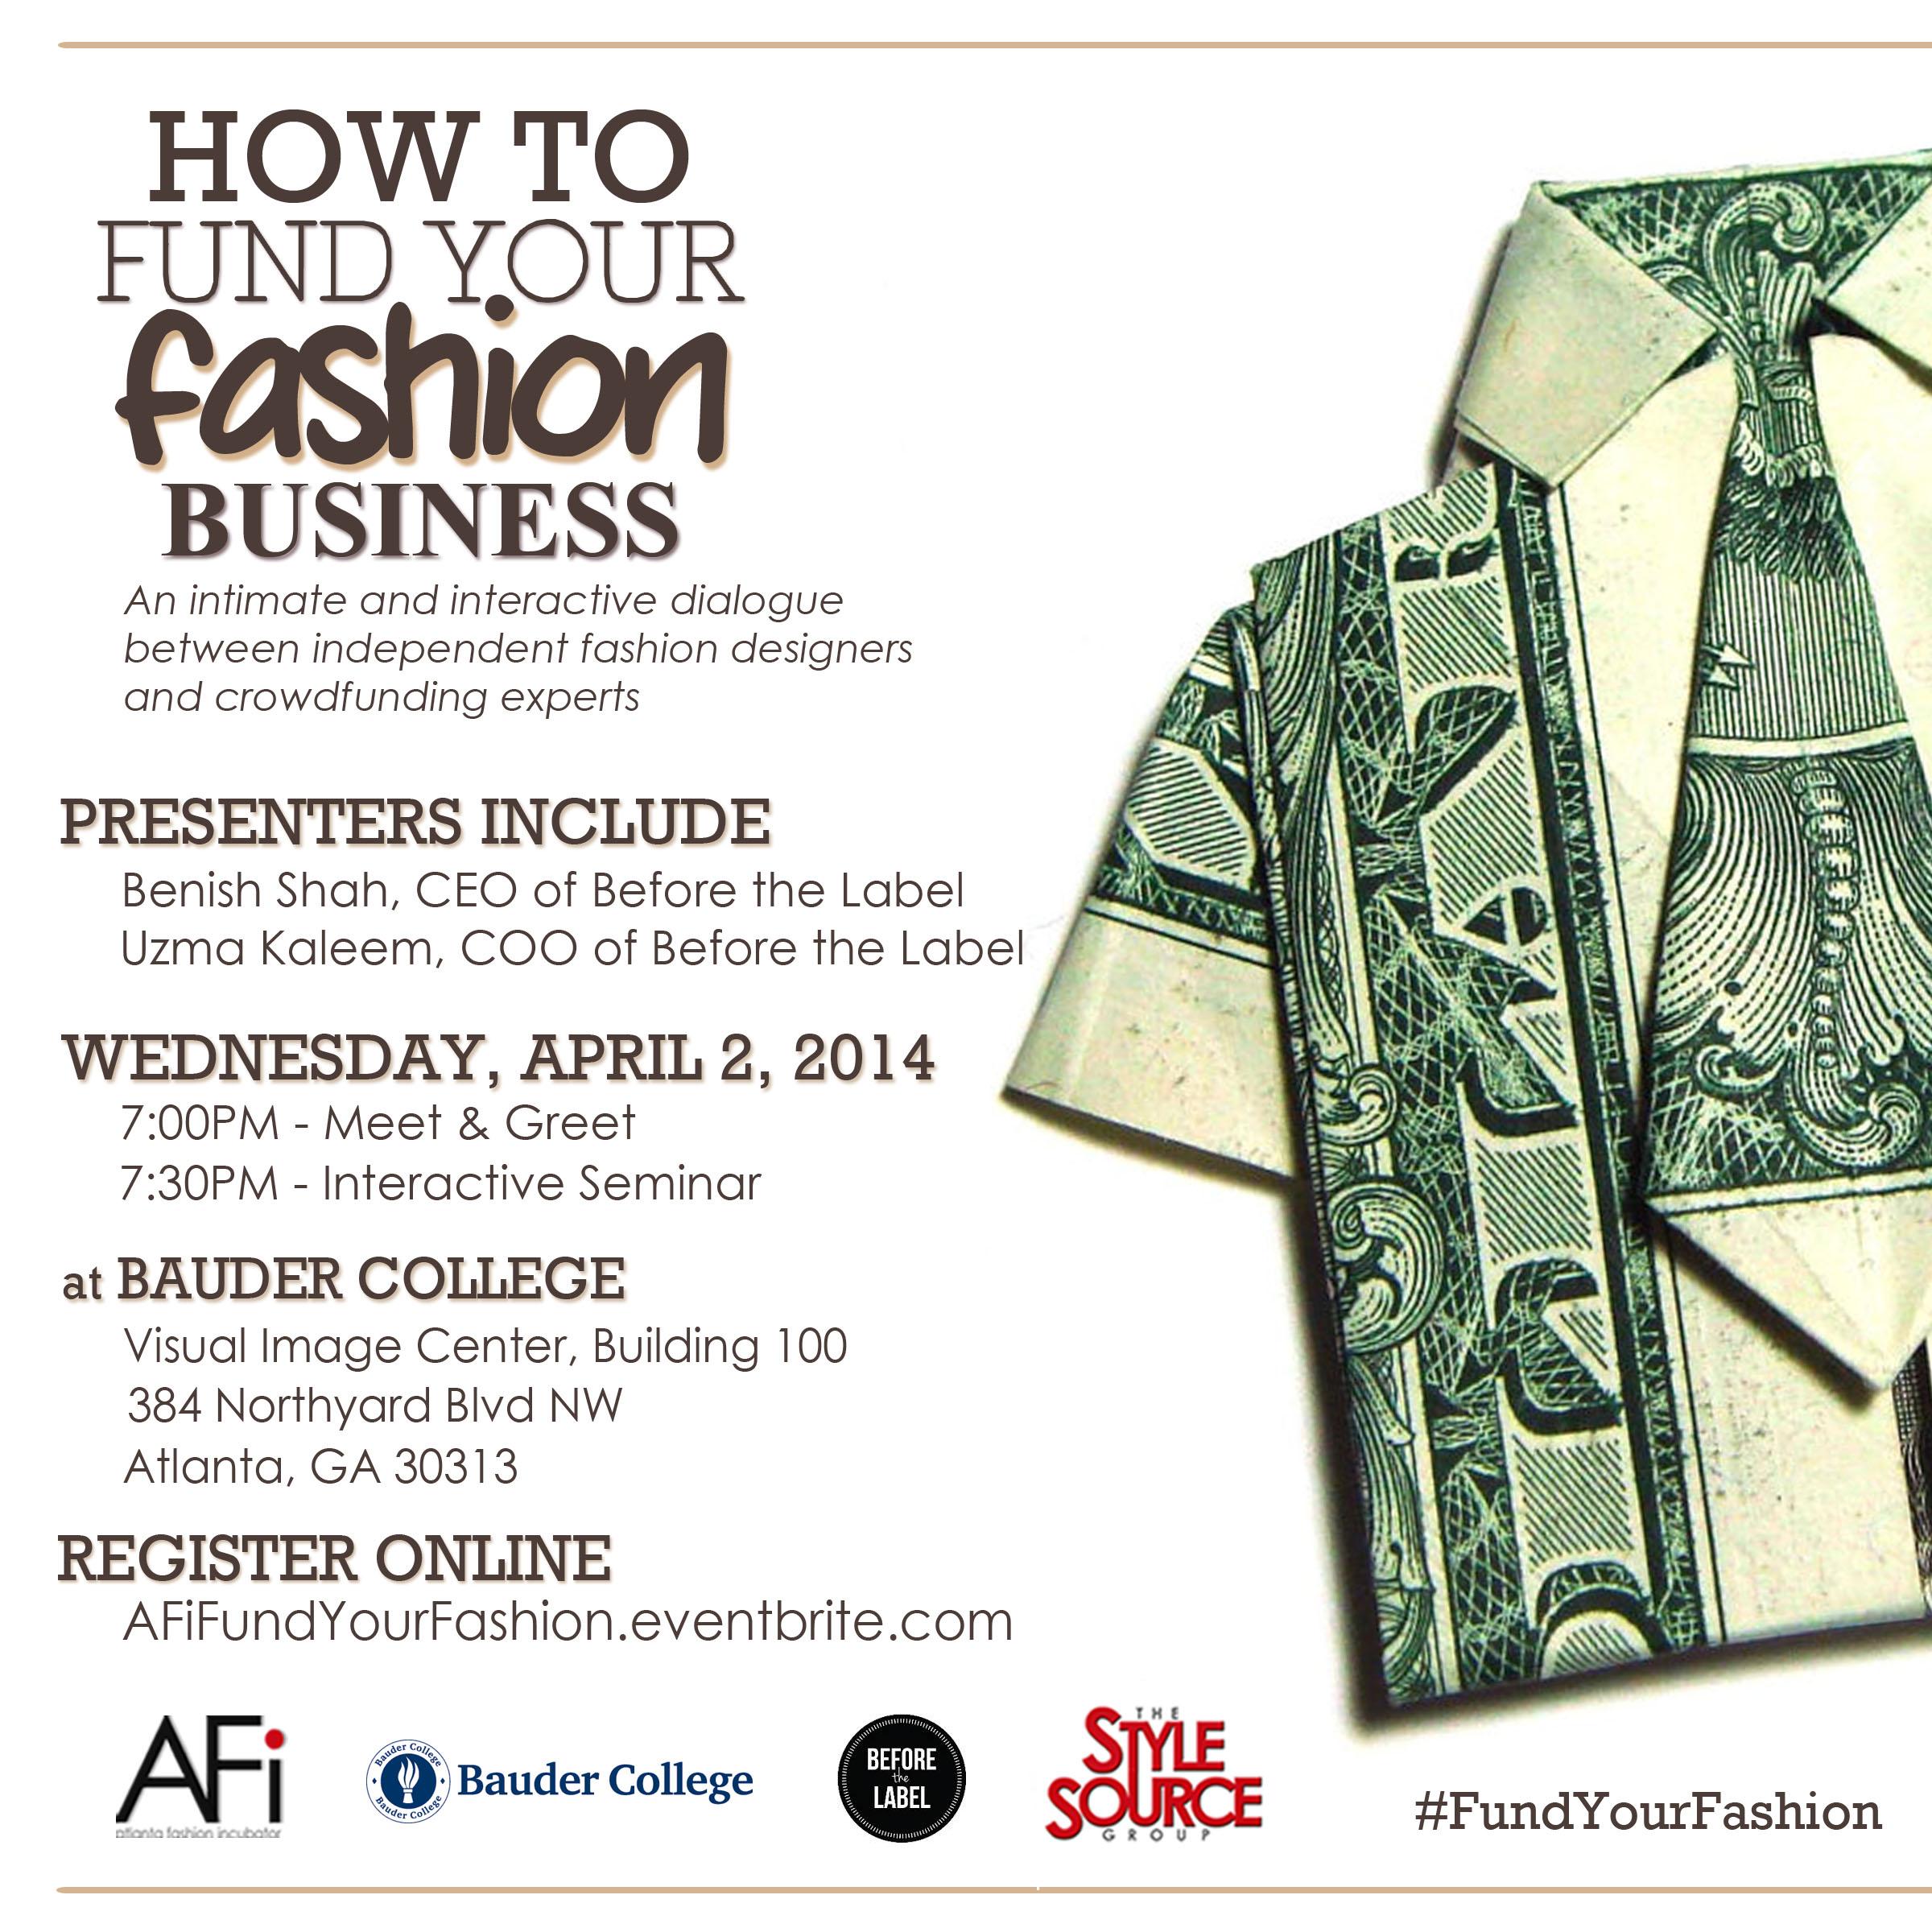 AFi, Fund Your Fashion